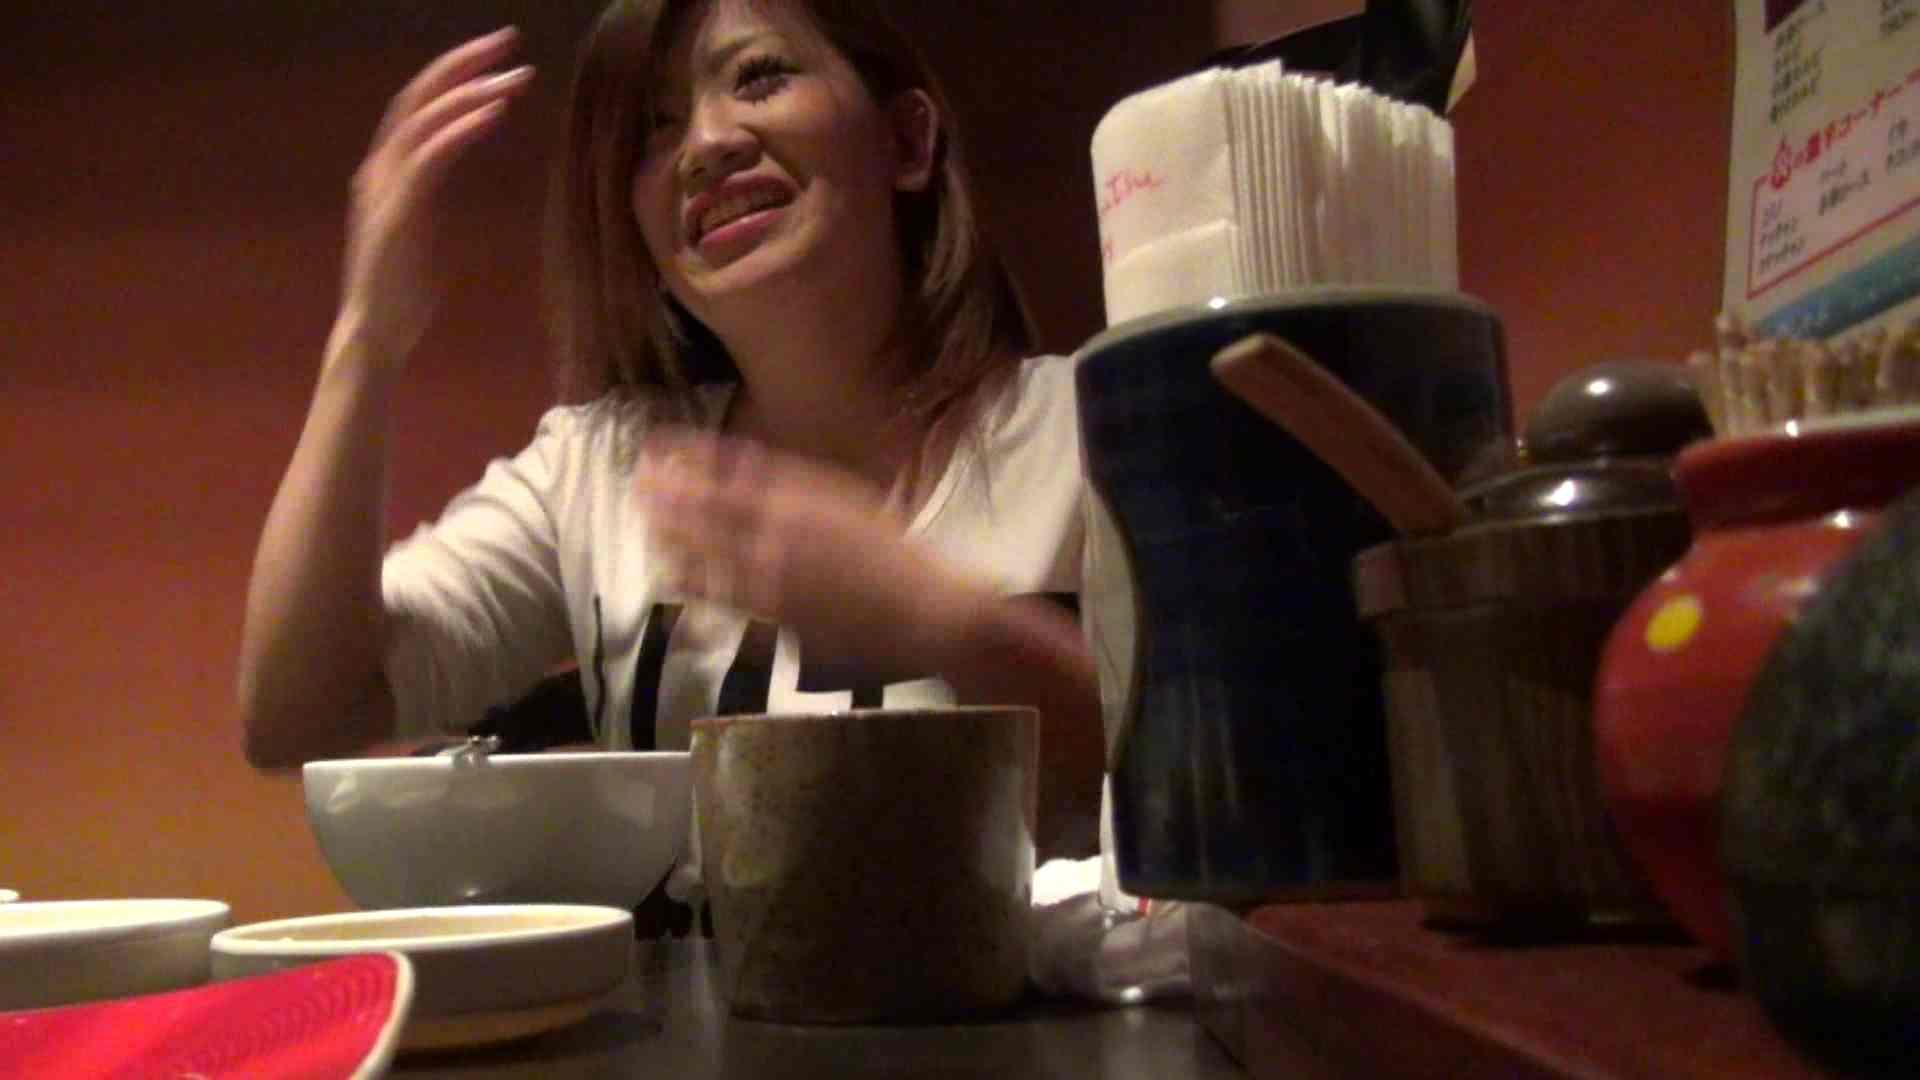 【出会い01】大助さんMちゃんと食事会 友人 | 悪戯  74連発 53